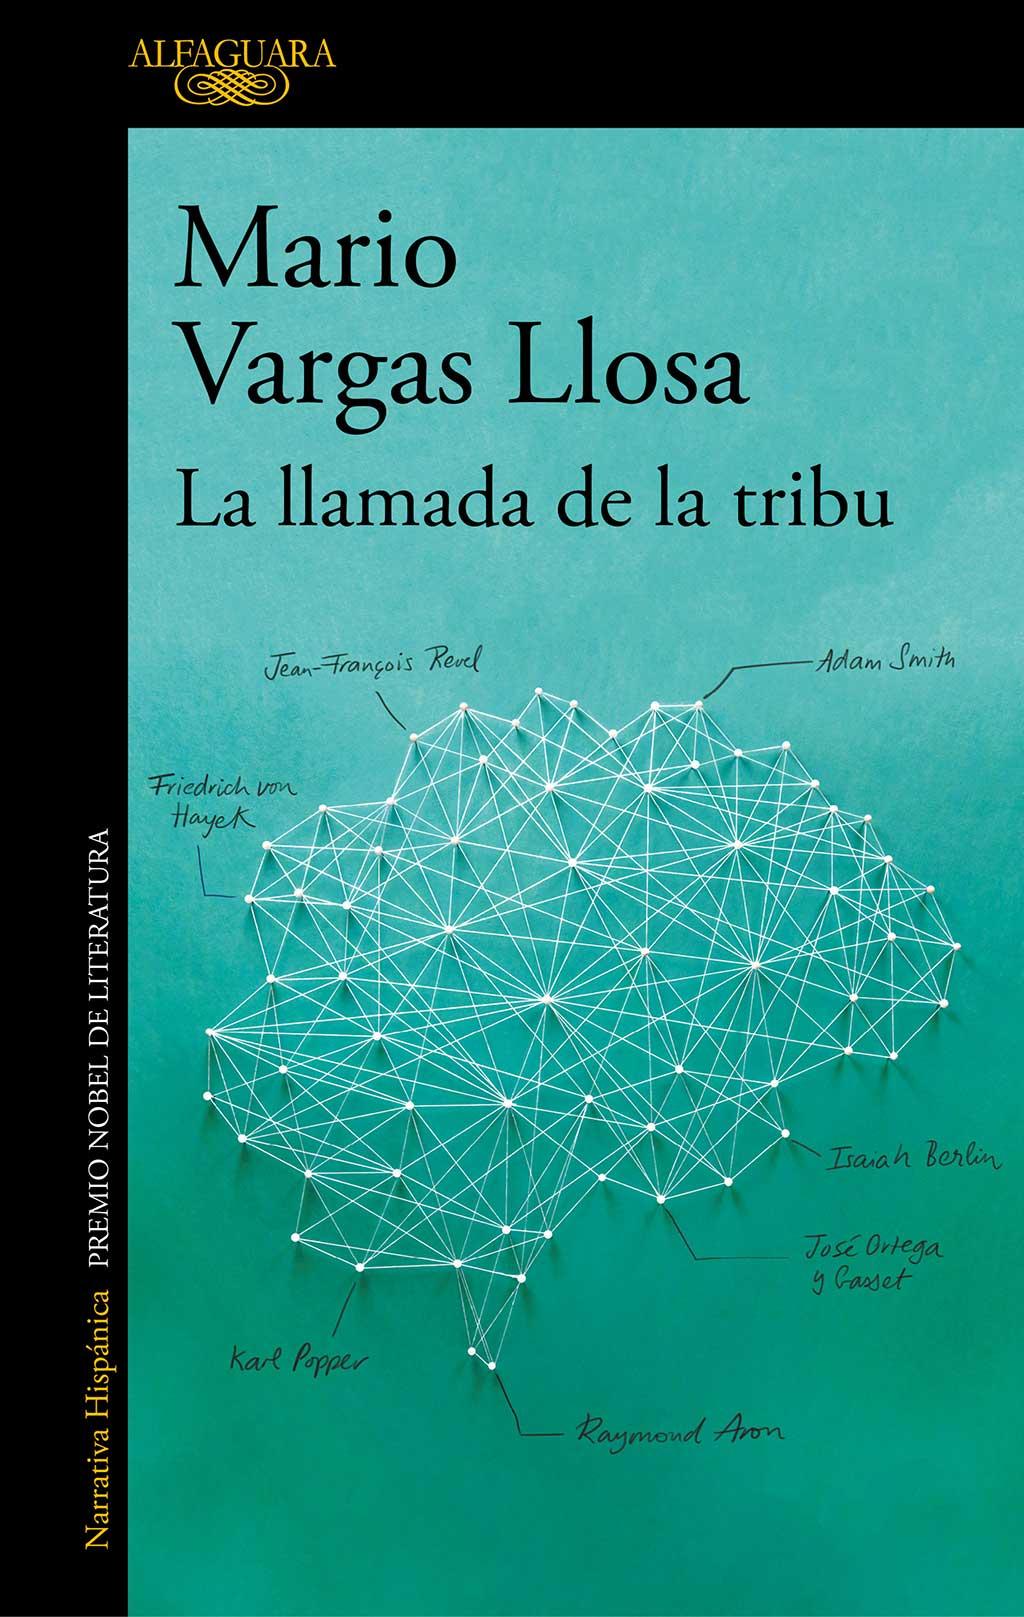 Mario Vargas LLosa La llamada de la tribu